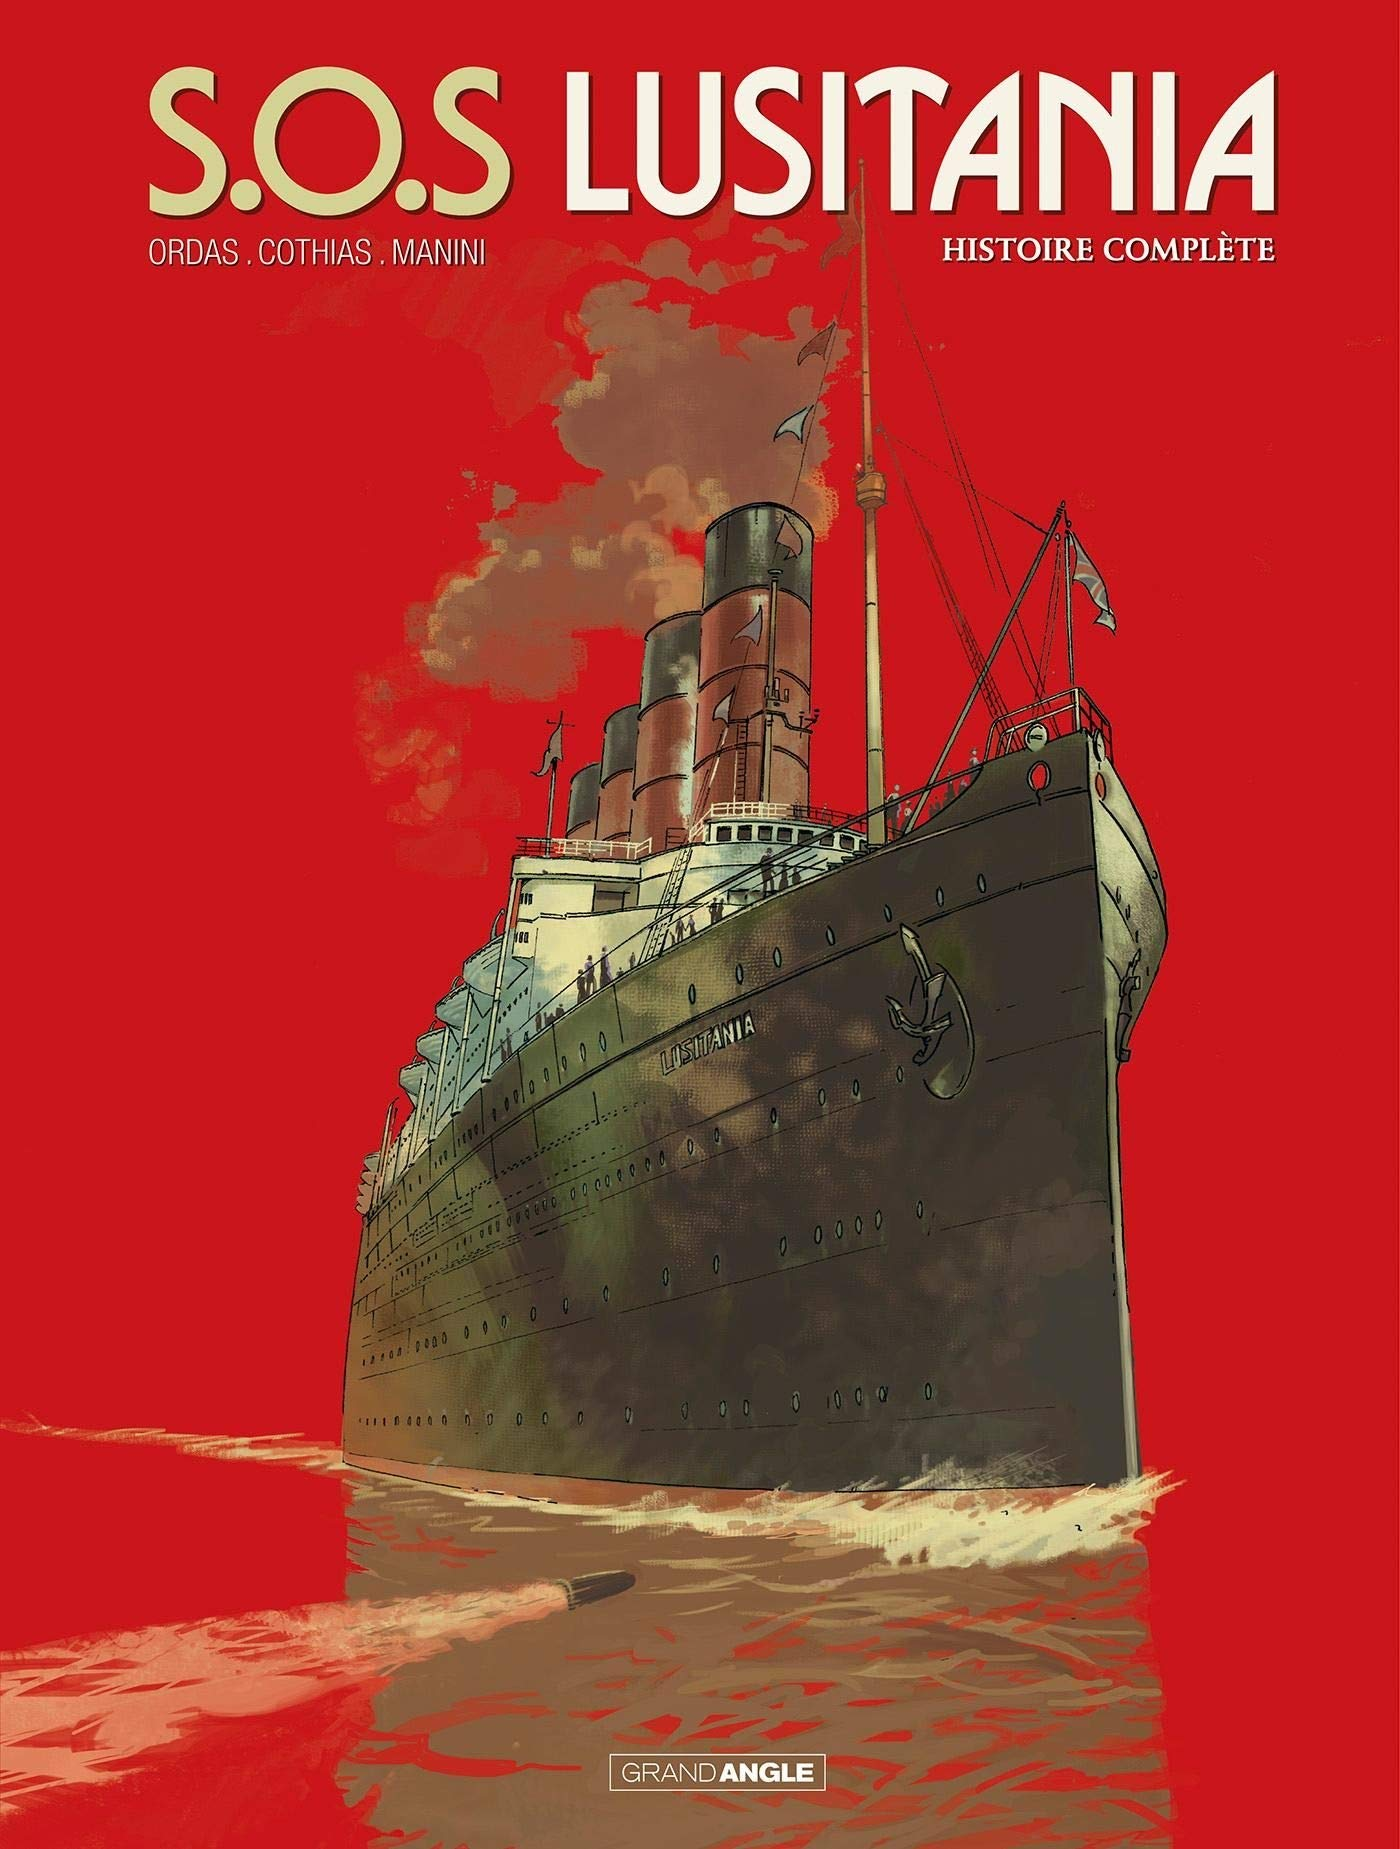 S.O.S. Lusitania 1